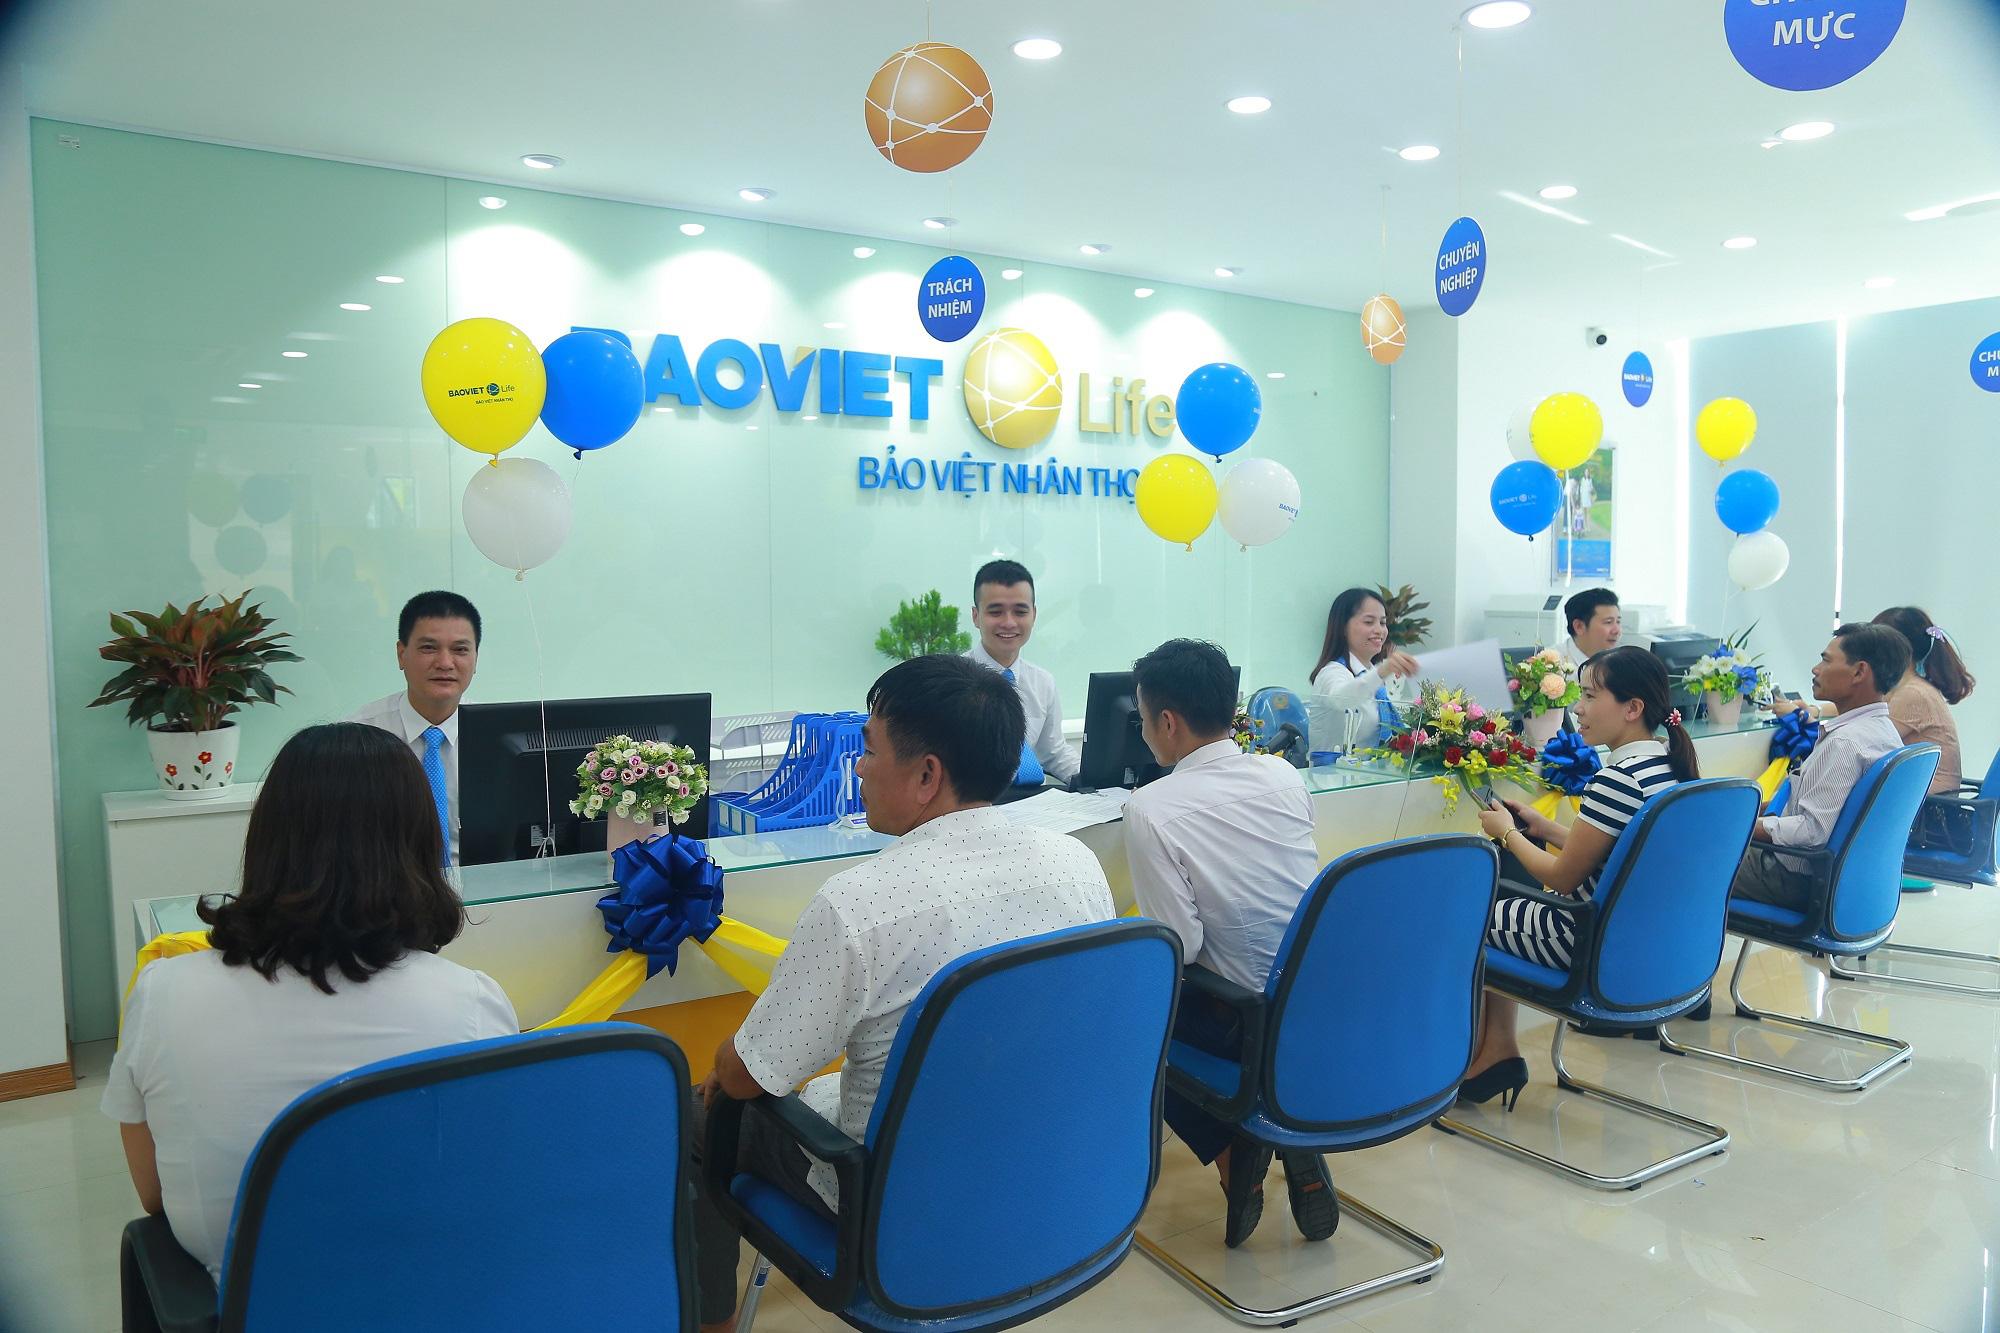 Nâng cao chất lượng chăm sóc Khách hàng luôn là ưu tiên hàng đầu của Bảo Việt Nhân thọ. (Ảnh: BVNT).